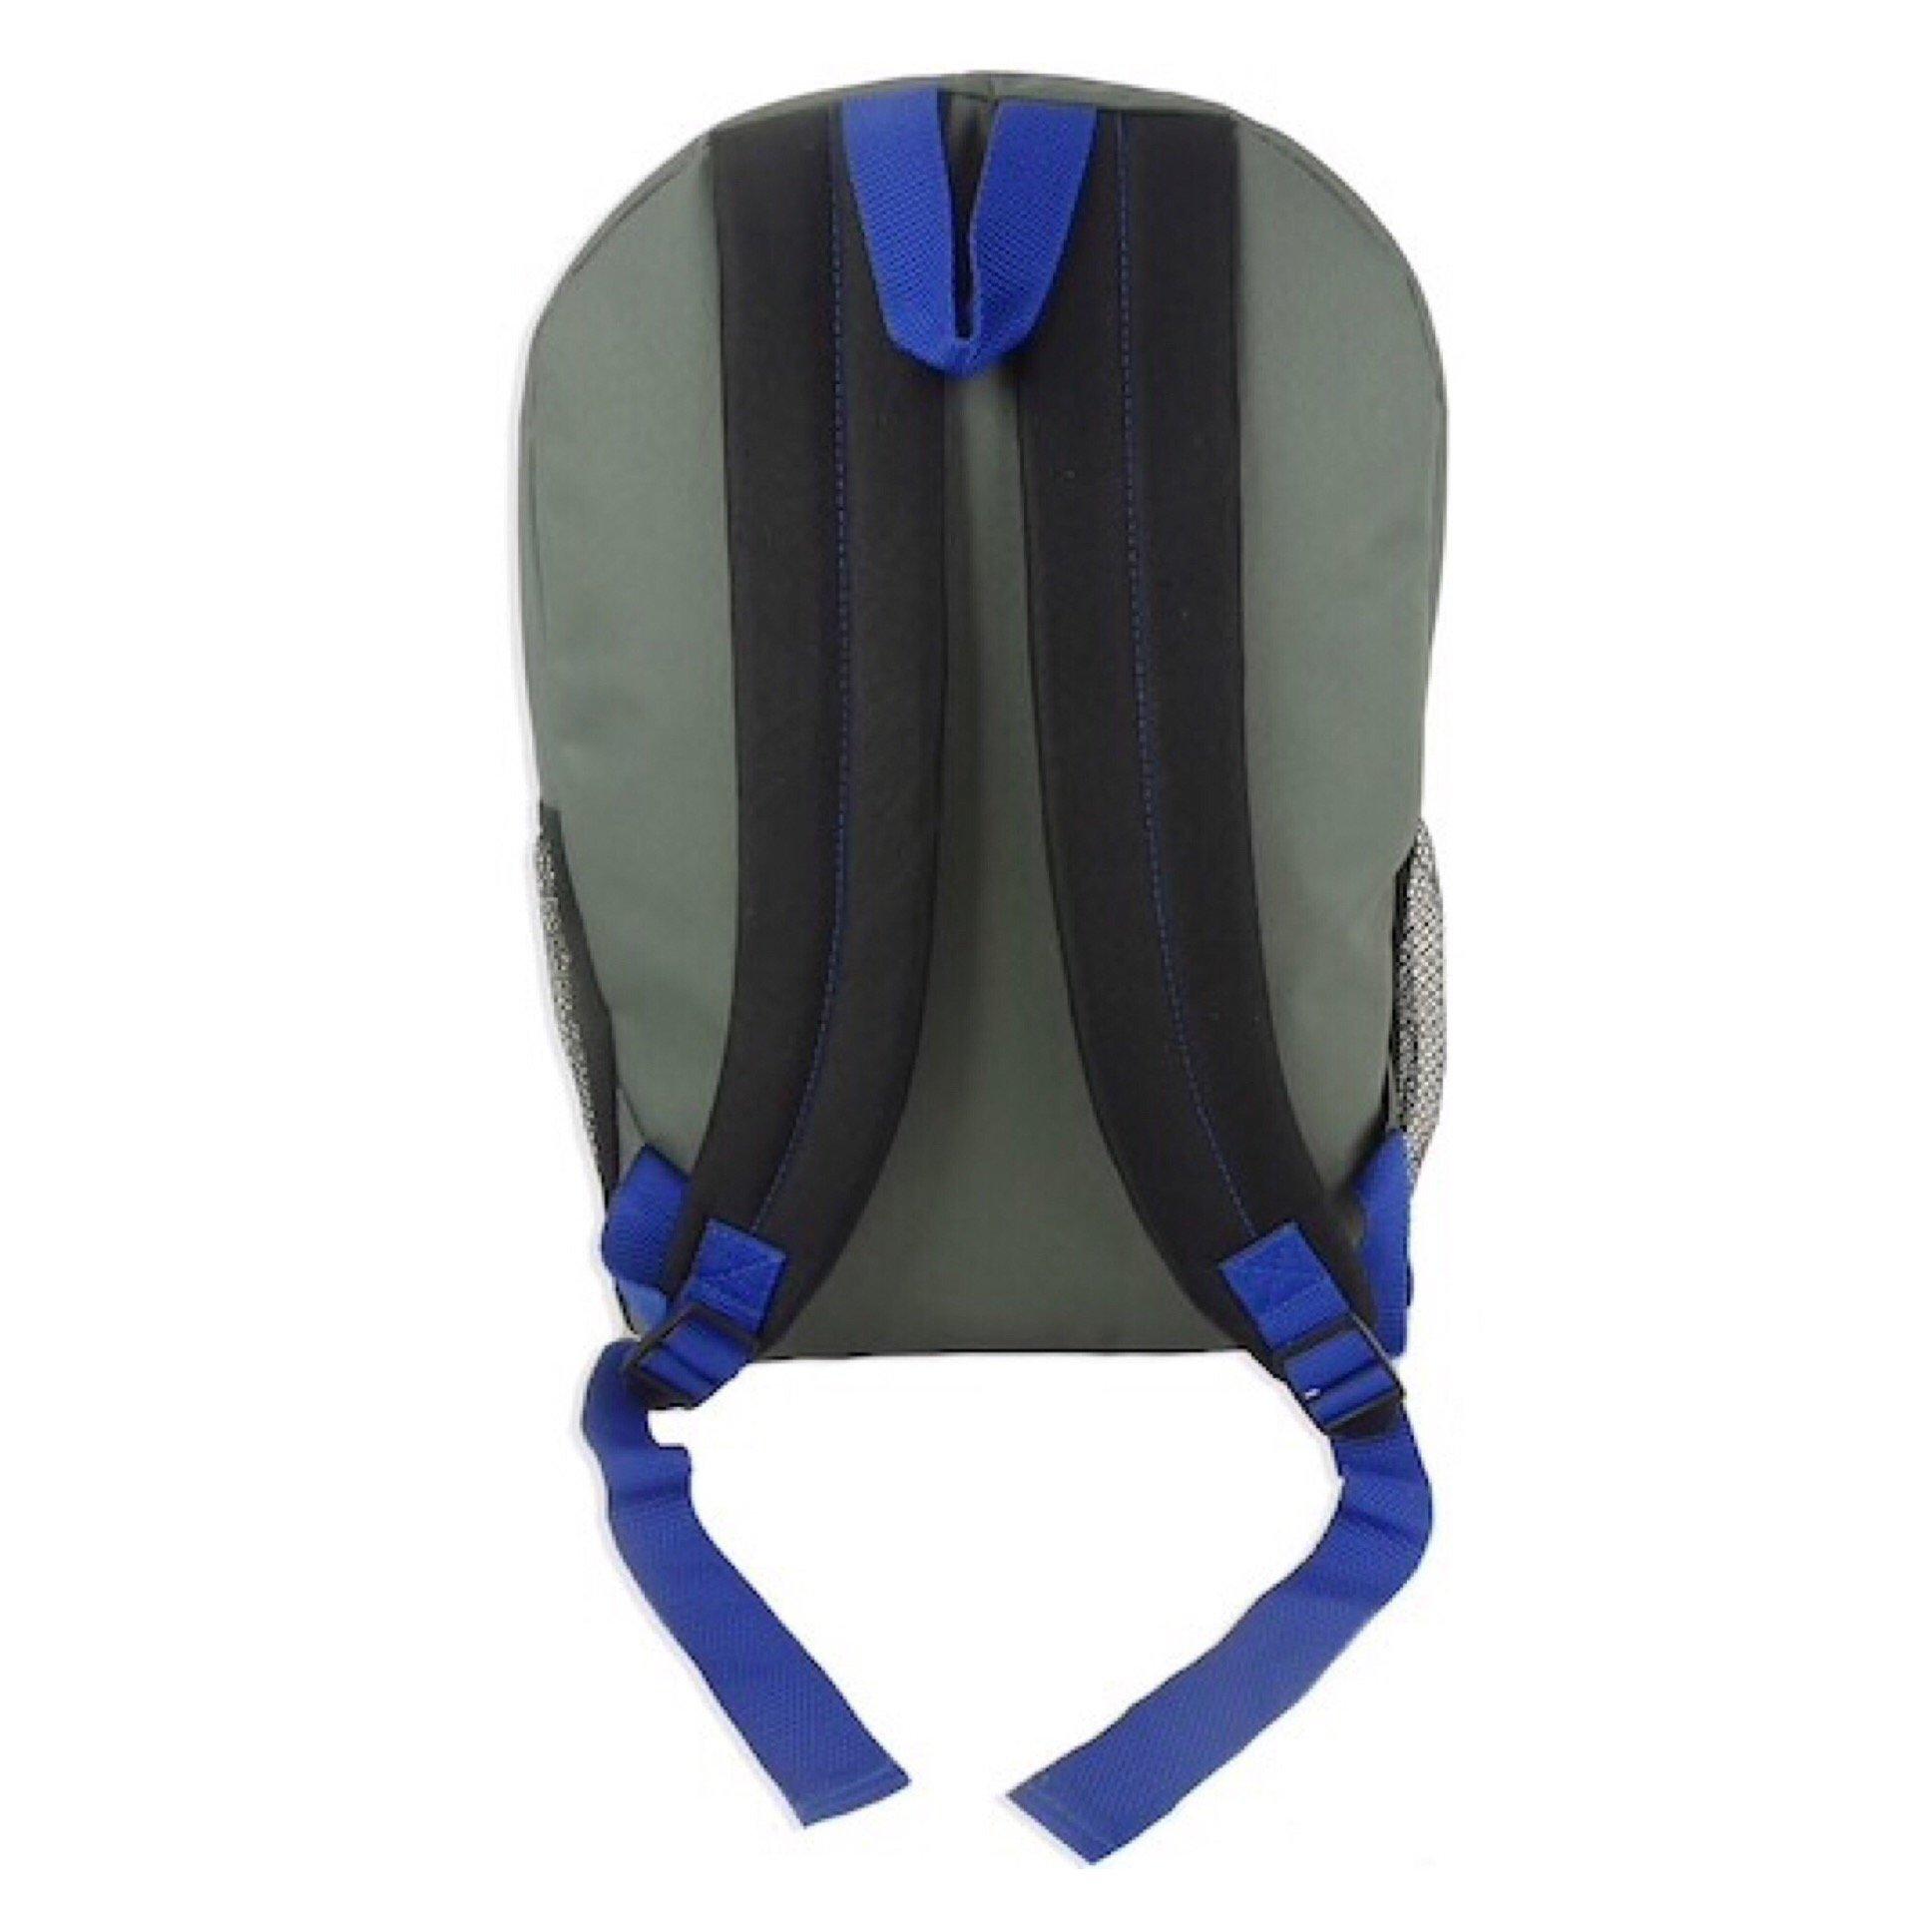 Kids - Marvel Black Panther Backpack, Lunchbox, Pencil Case, Water Bottle & Carabiner Set by Black Panther (Image #3)